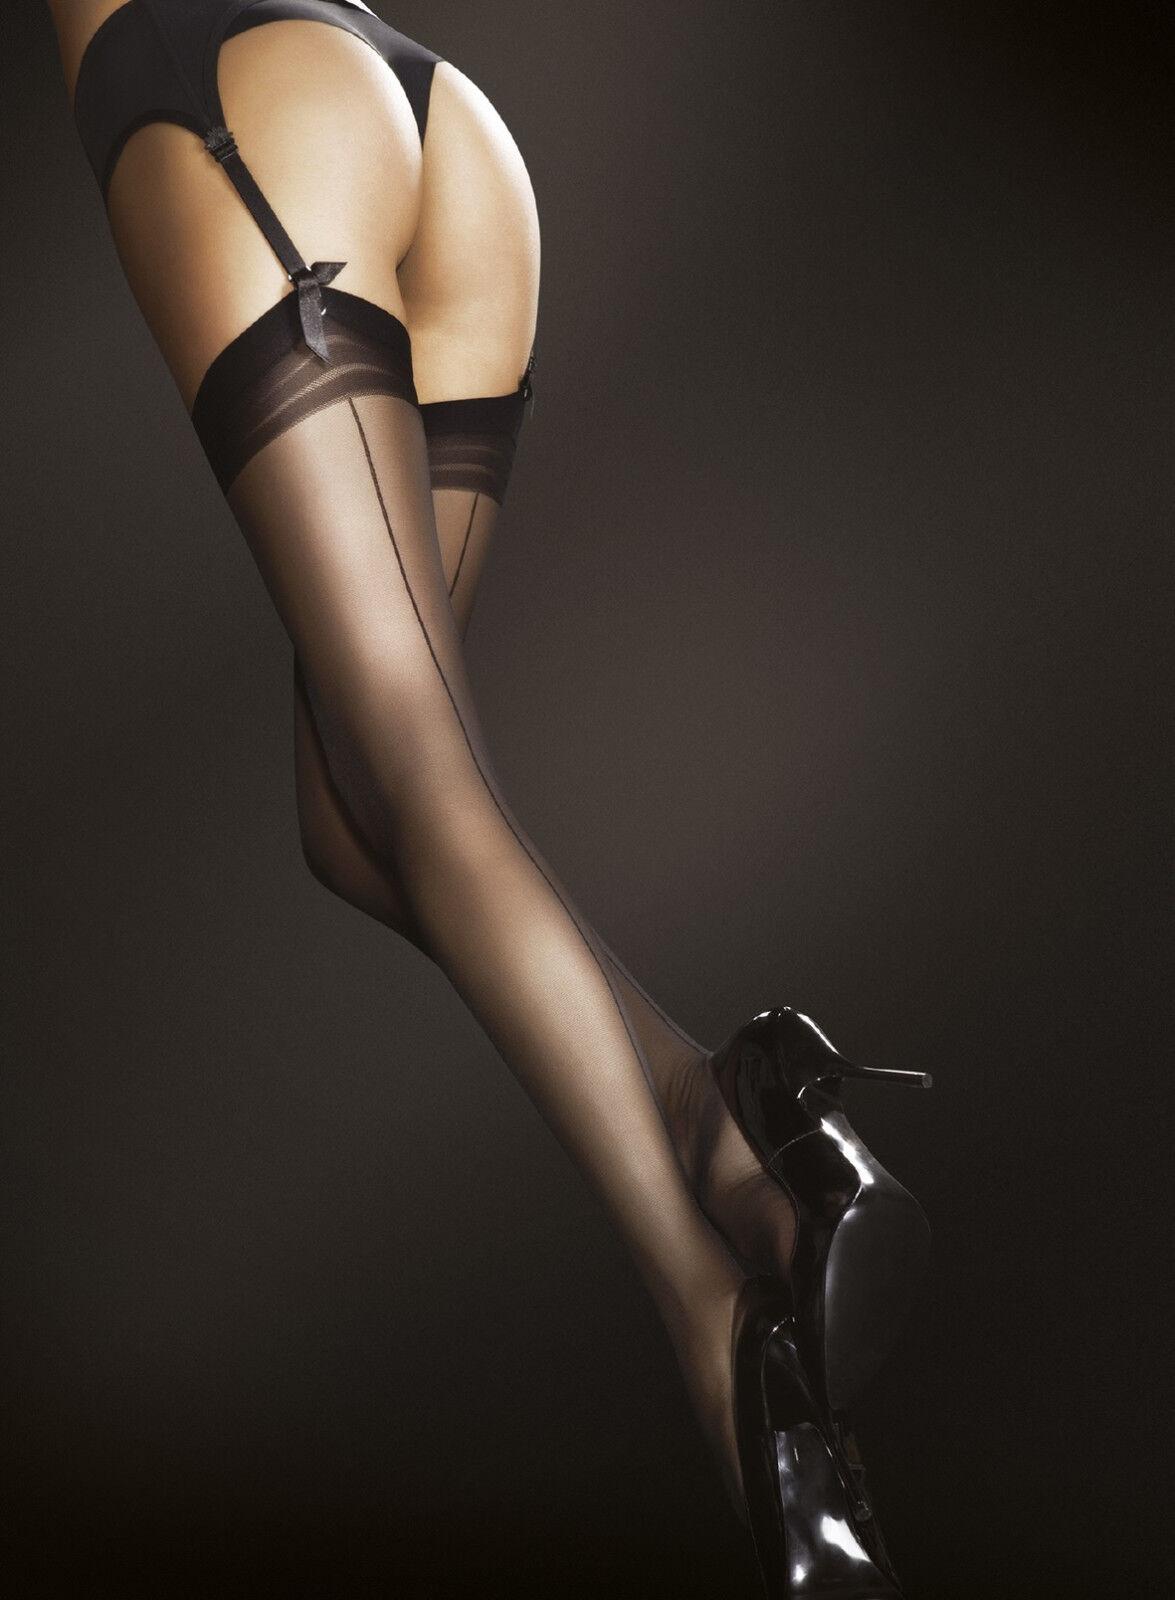 Bas nylon couture pour porte-jarretelle femme sexy Fiore marlena 20 den T2 T3 T4